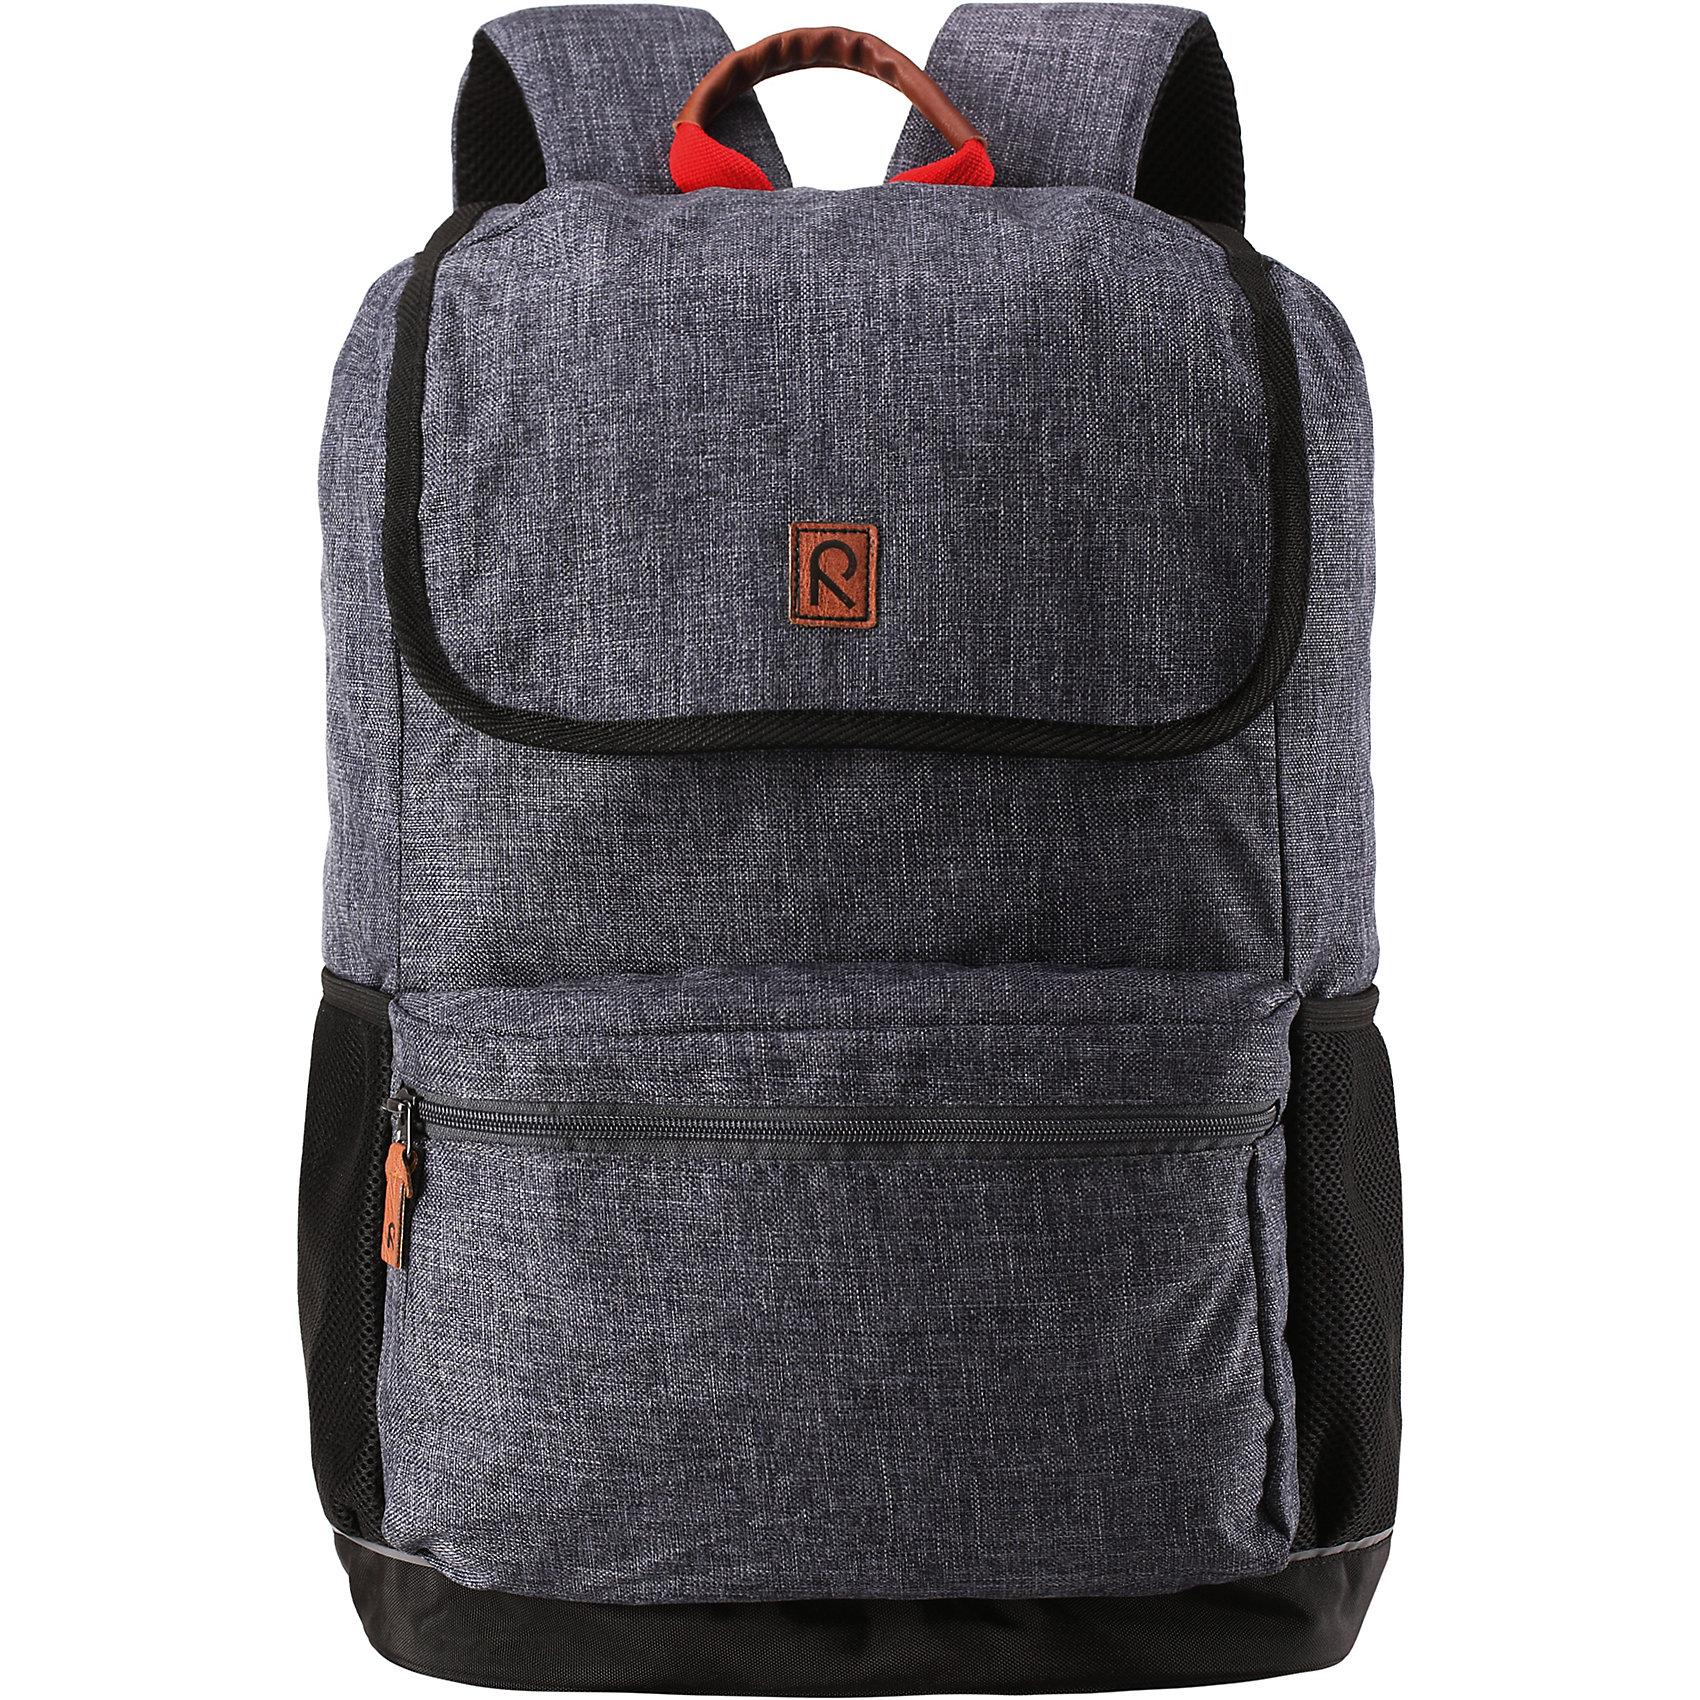 Рюкзак Pakaten ReimaАксессуары<br>Характеристики товара:<br><br>• цвет: серый;<br>• материал: 100% полиуретан;<br>• водоотталкивающий материал;<br>• объем: 16 литров;<br>• размер: 29х17х46 см;<br>• эргономичный рюкзак;<br>• застежка: молния, шнурок-утяжка со стопером;<br>• удобные стеганые задние панели способствуют дополнительной амортизации;<br>• напечатанная табличка для имени;<br>• съемная нагрудная лямка для распределения веса;<br>• регулируемые эргономичные стеганые плечевые ремешки;<br>• водонепроницаемое дно;<br>• карман для ноутбука;<br>• не содержит ПВХ;<br>• светоотражающие детали;<br>• страна бренда: Финляндия;<br>• страна изготовитель: Китай.<br><br>Классический рюкзак максимальной функциональности. Он идеально подходит для школьников и студентов, поскольку имеет замечательную эргономичную конструкцию<br><br>Рюкзак Pakaten от финского бренда Reima (Рейма) можно купить в нашем интернет-магазине.<br><br>Ширина мм: 170<br>Глубина мм: 157<br>Высота мм: 67<br>Вес г: 117<br>Цвет: серый<br>Возраст от месяцев: 36<br>Возраст до месяцев: 144<br>Пол: Мужской<br>Возраст: Детский<br>Размер: one size<br>SKU: 4779576